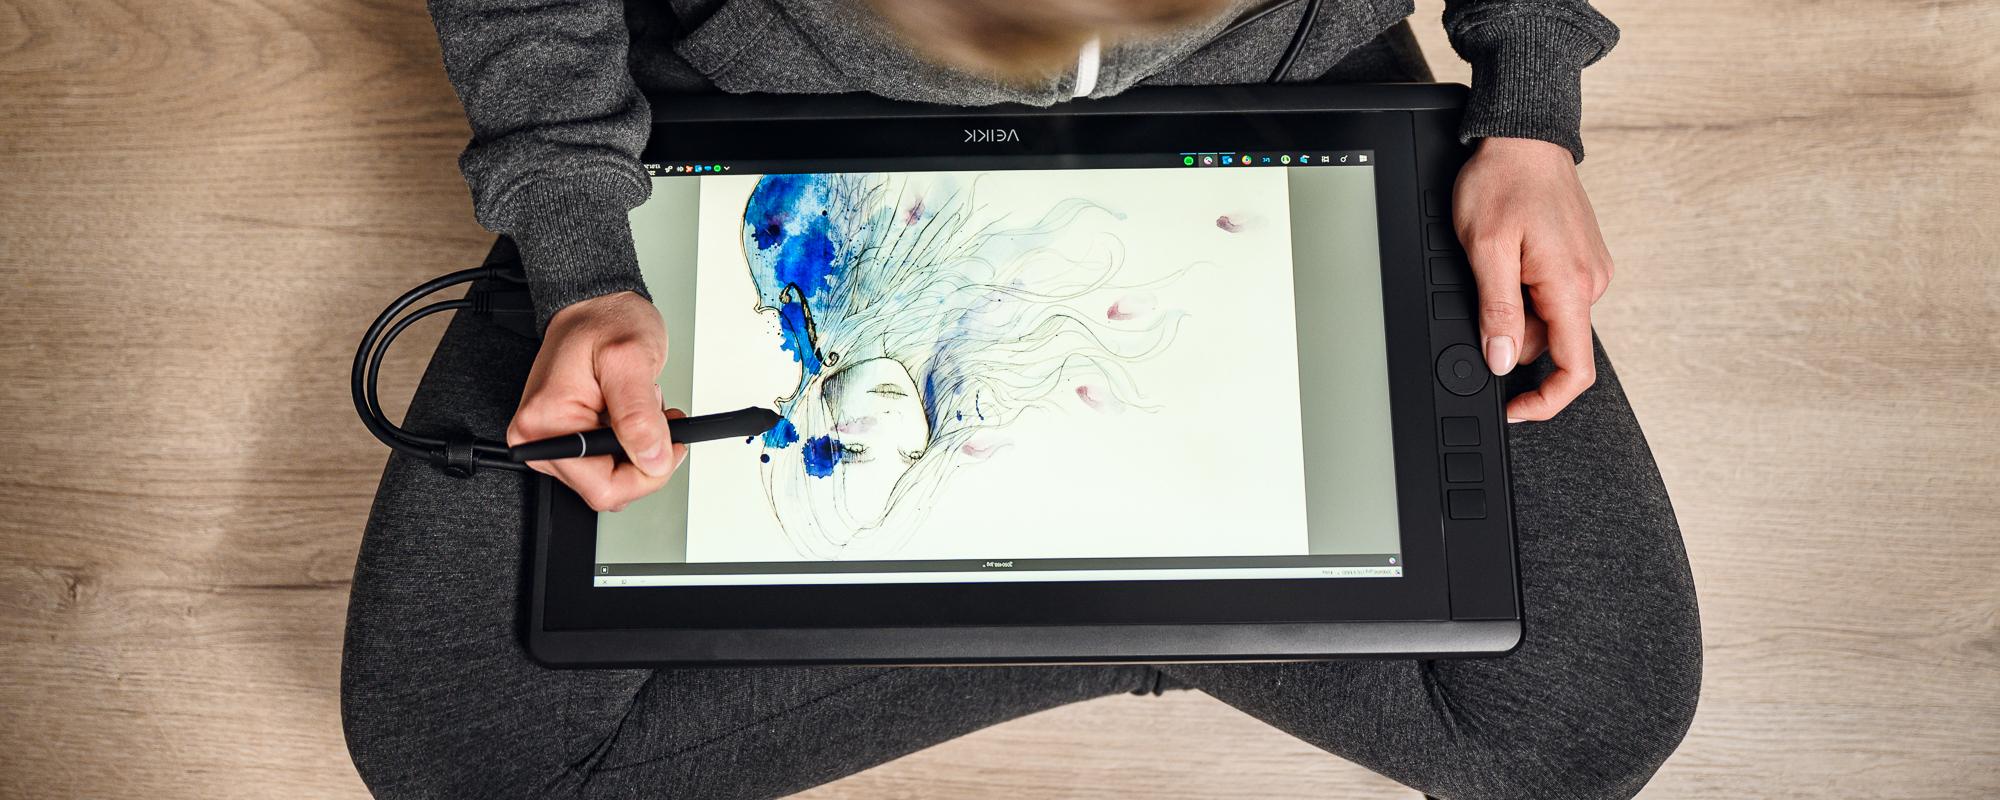 Zdjęcie - kobieta siedząca po turecku obsługuje tablet graficzny z ekranem LCD Veikk VK1560 Pro